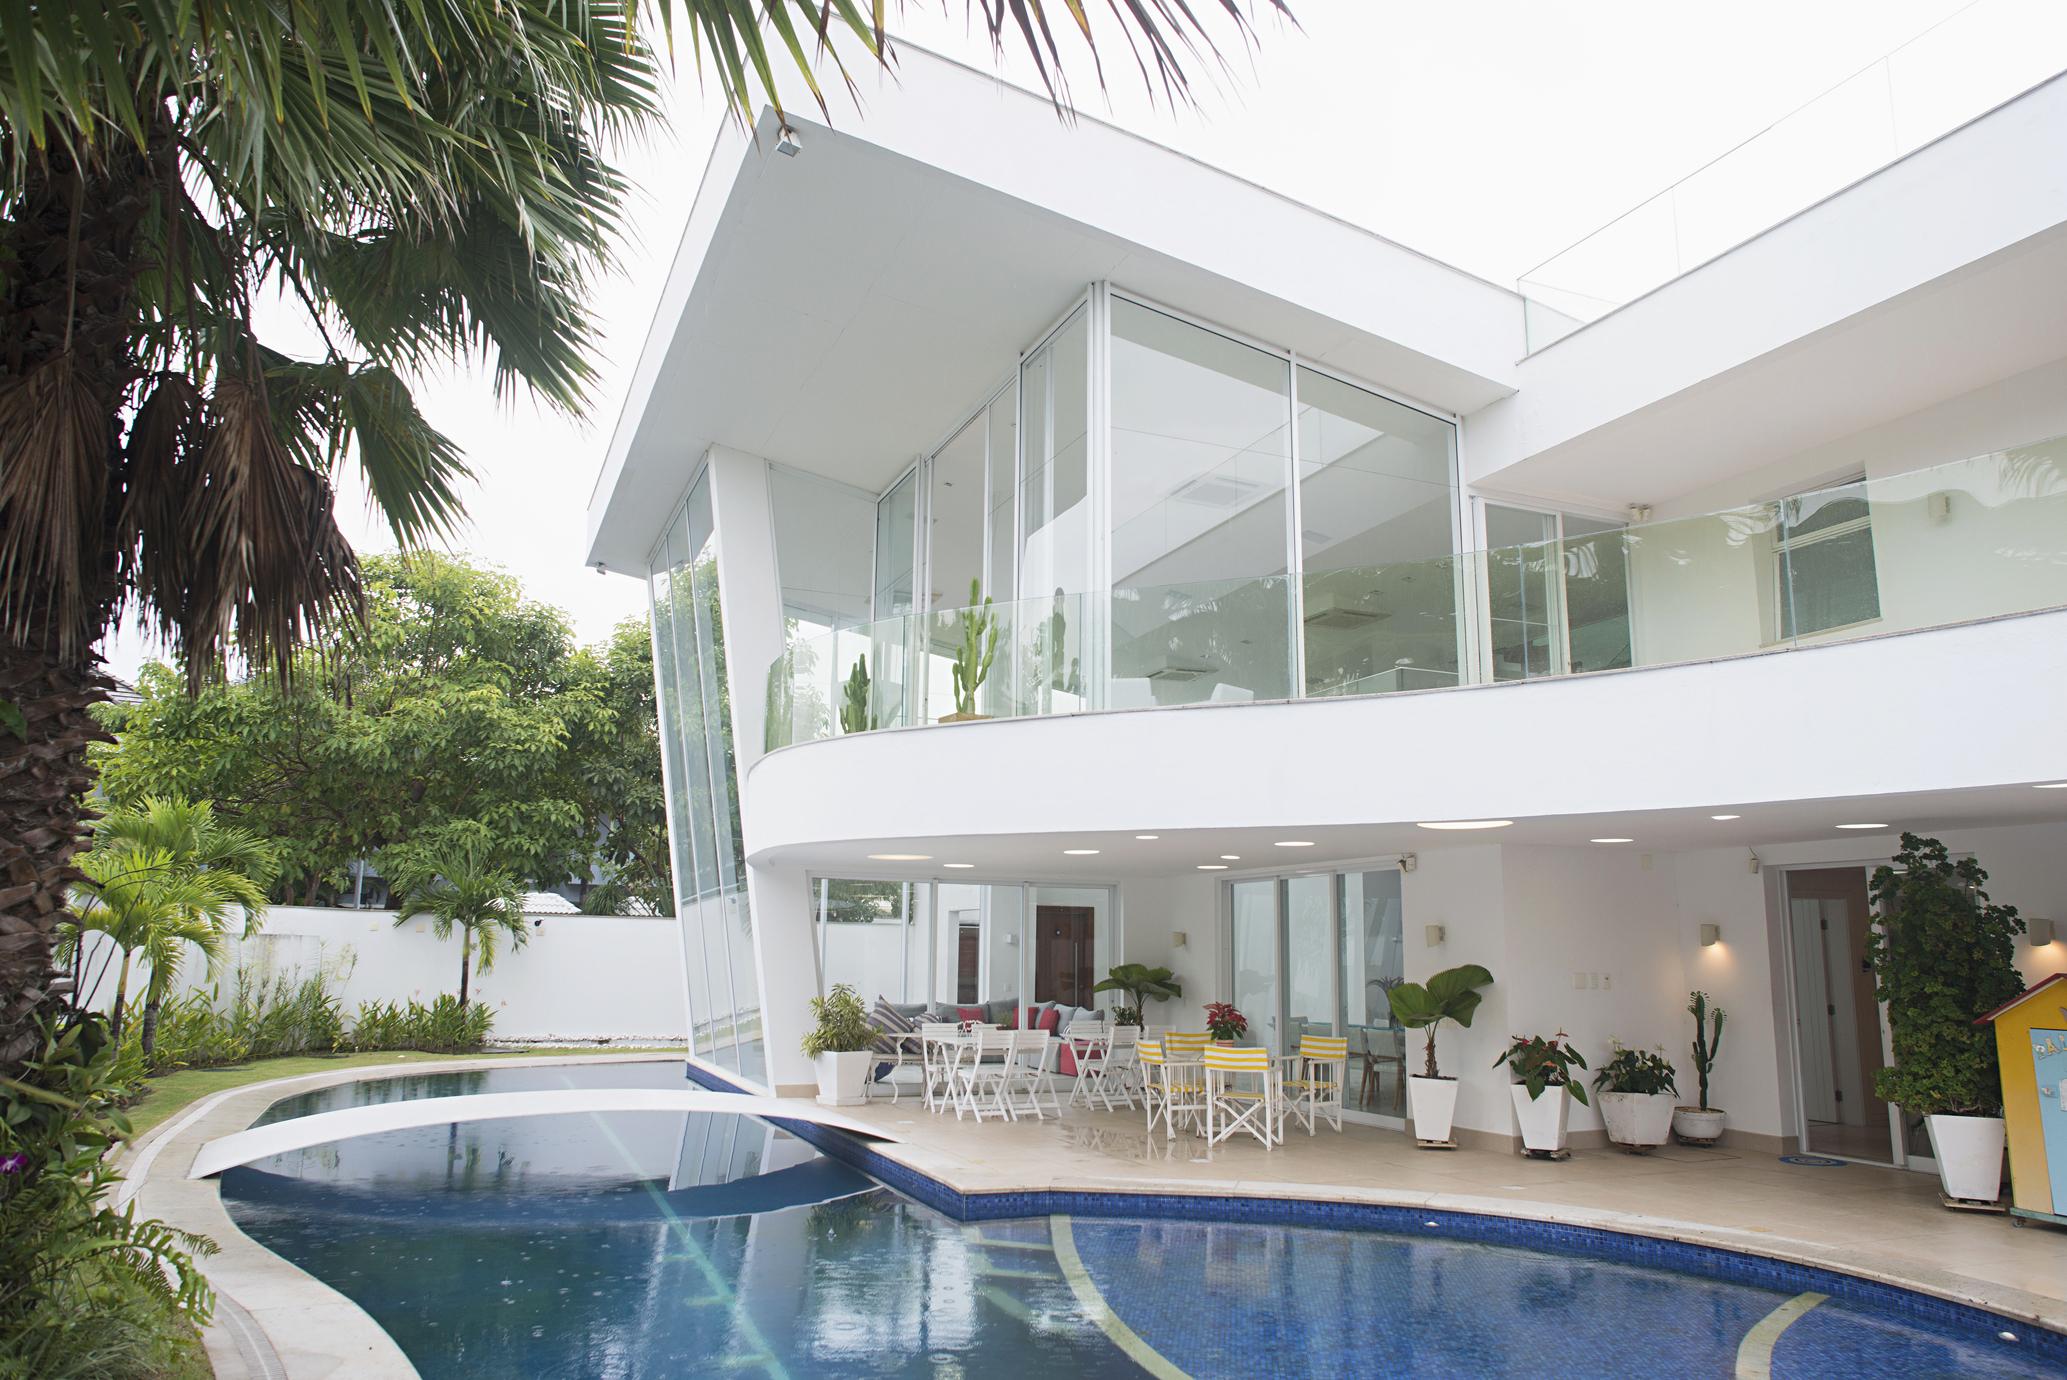 Частный односемейный дом для того Продажа на White House Rua Rachel de Queiroz Rio De Janeiro, Рио-Де-Жанейро, 22793100 Бразилия